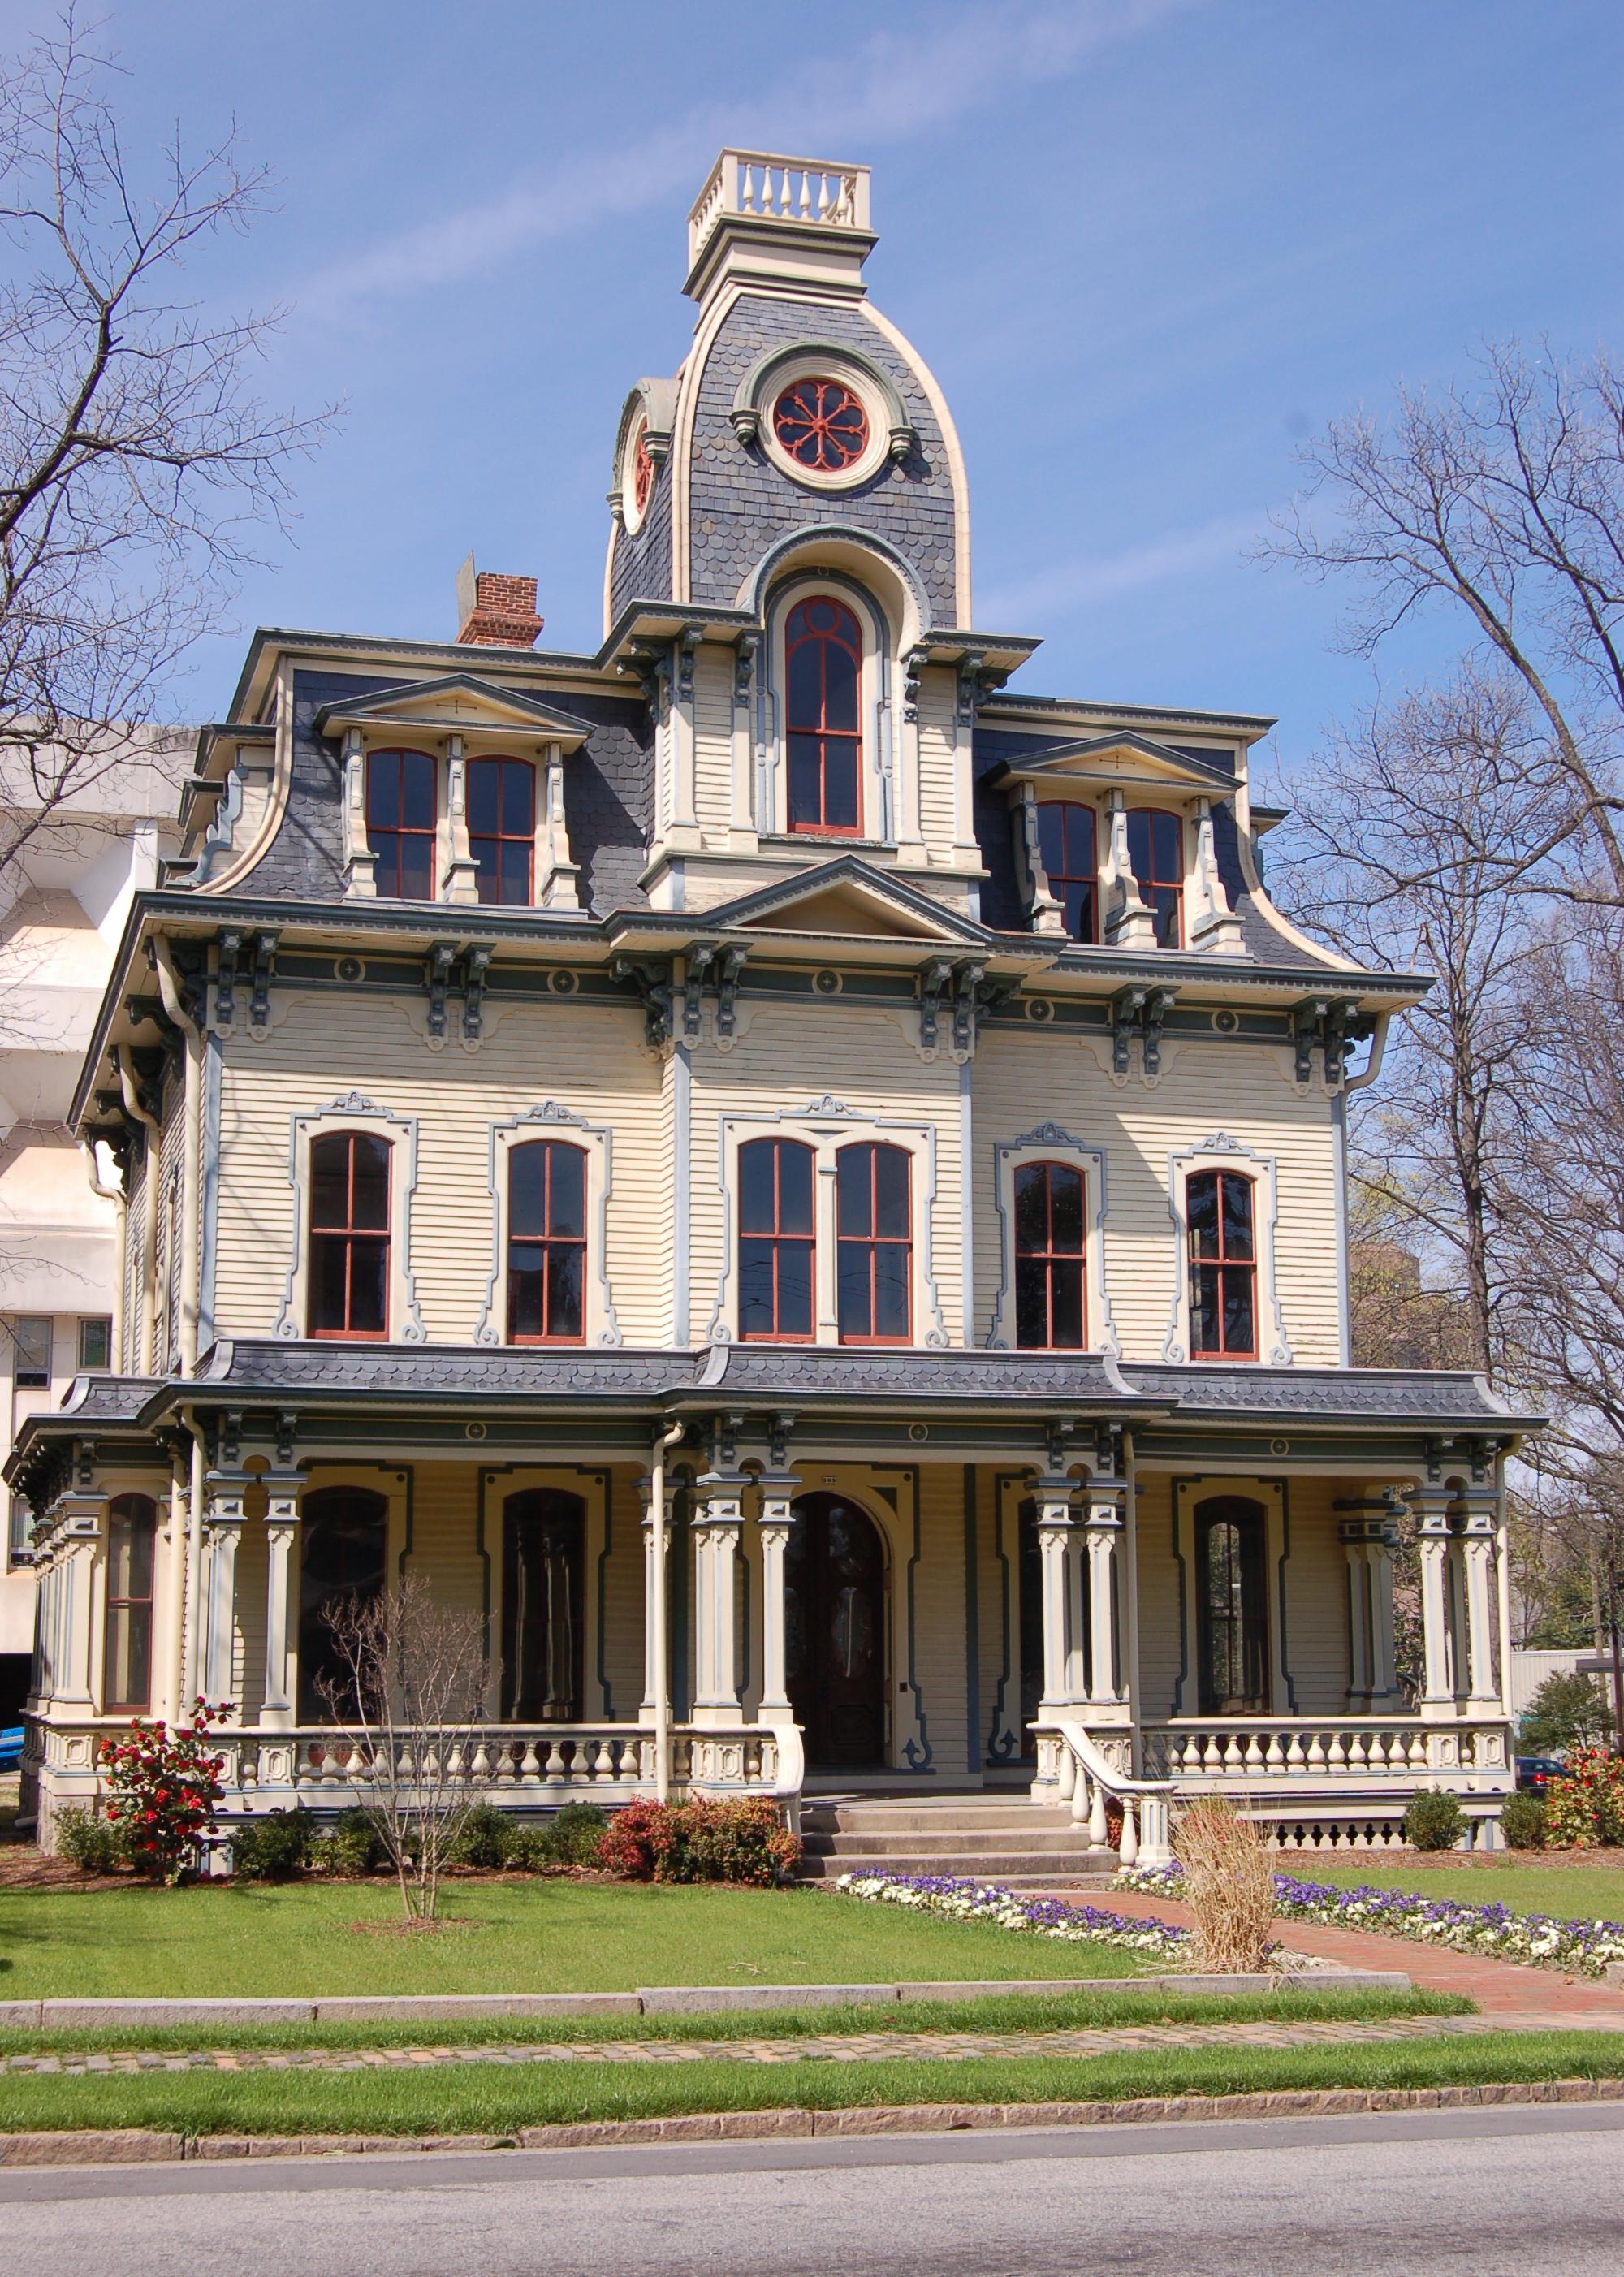 Heck-Andrews House, Raleigh N.C.